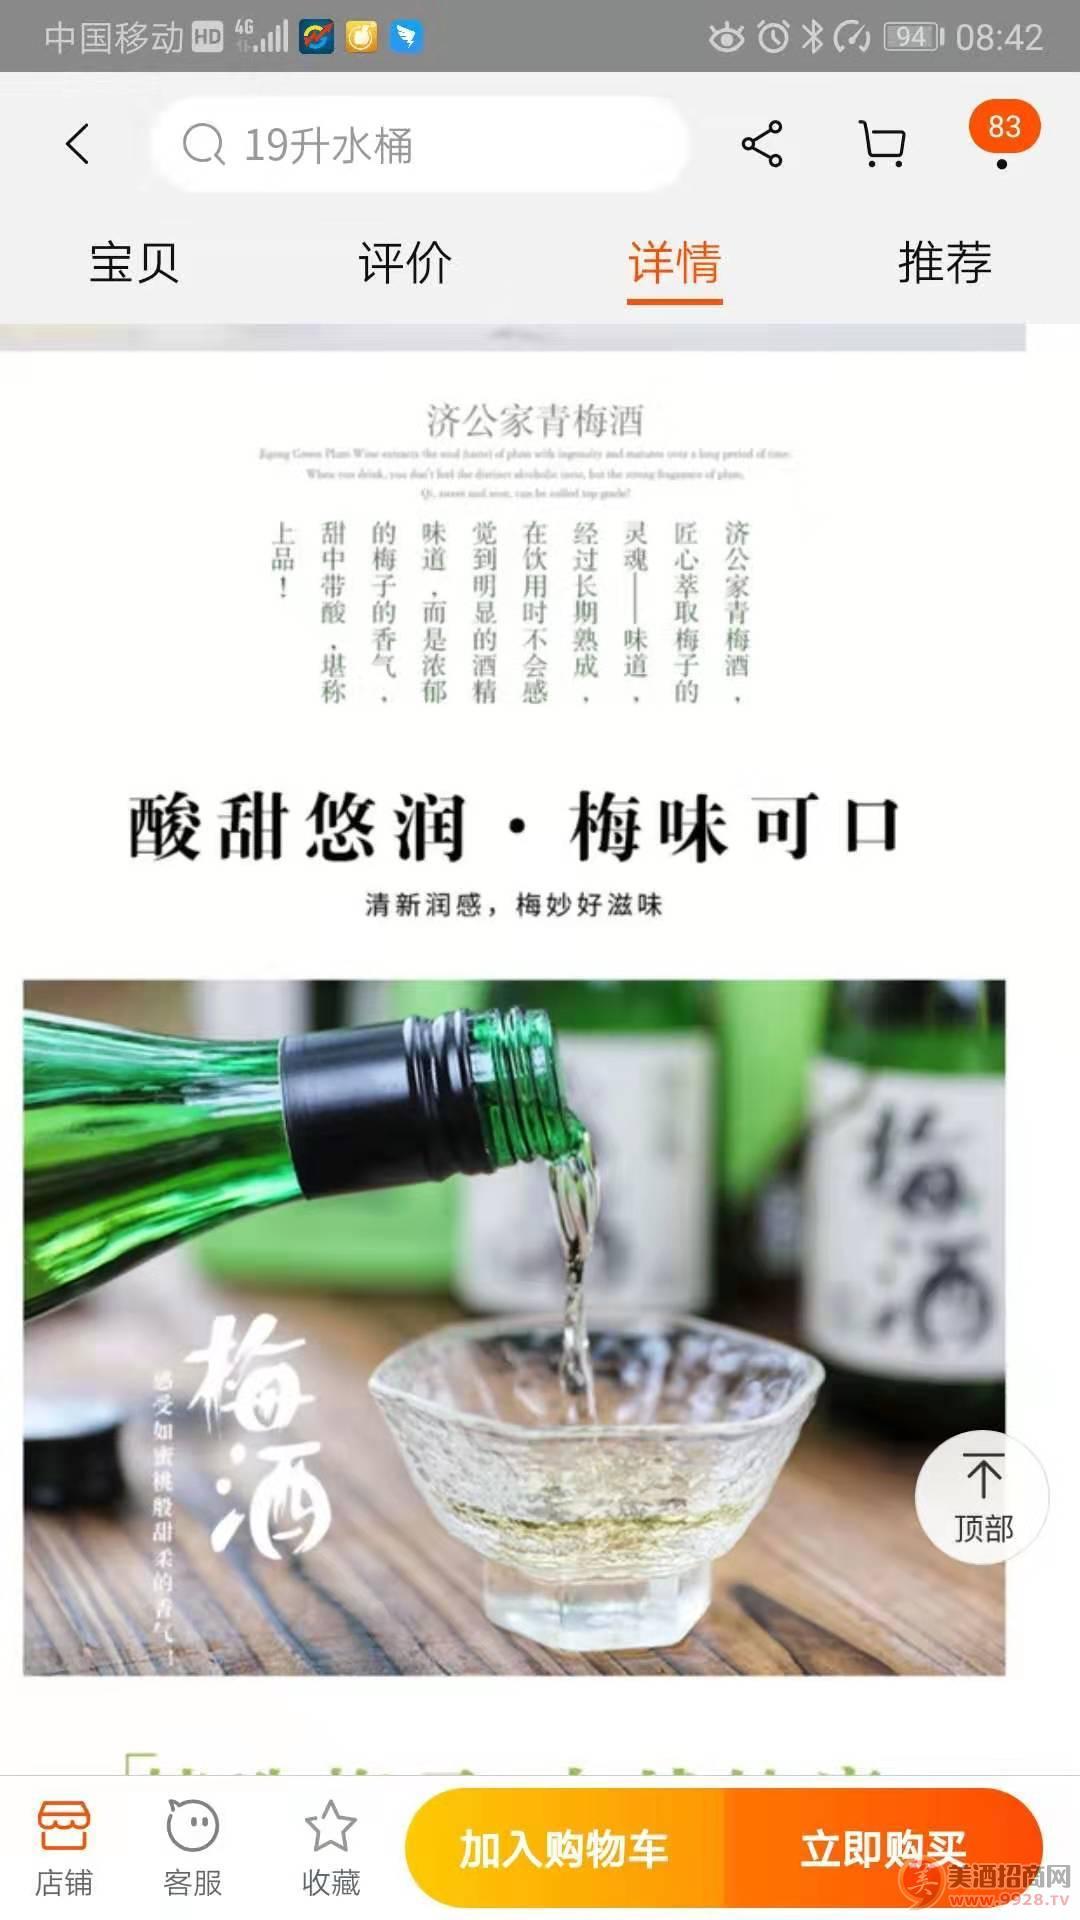 米酒、梅酒全国招商